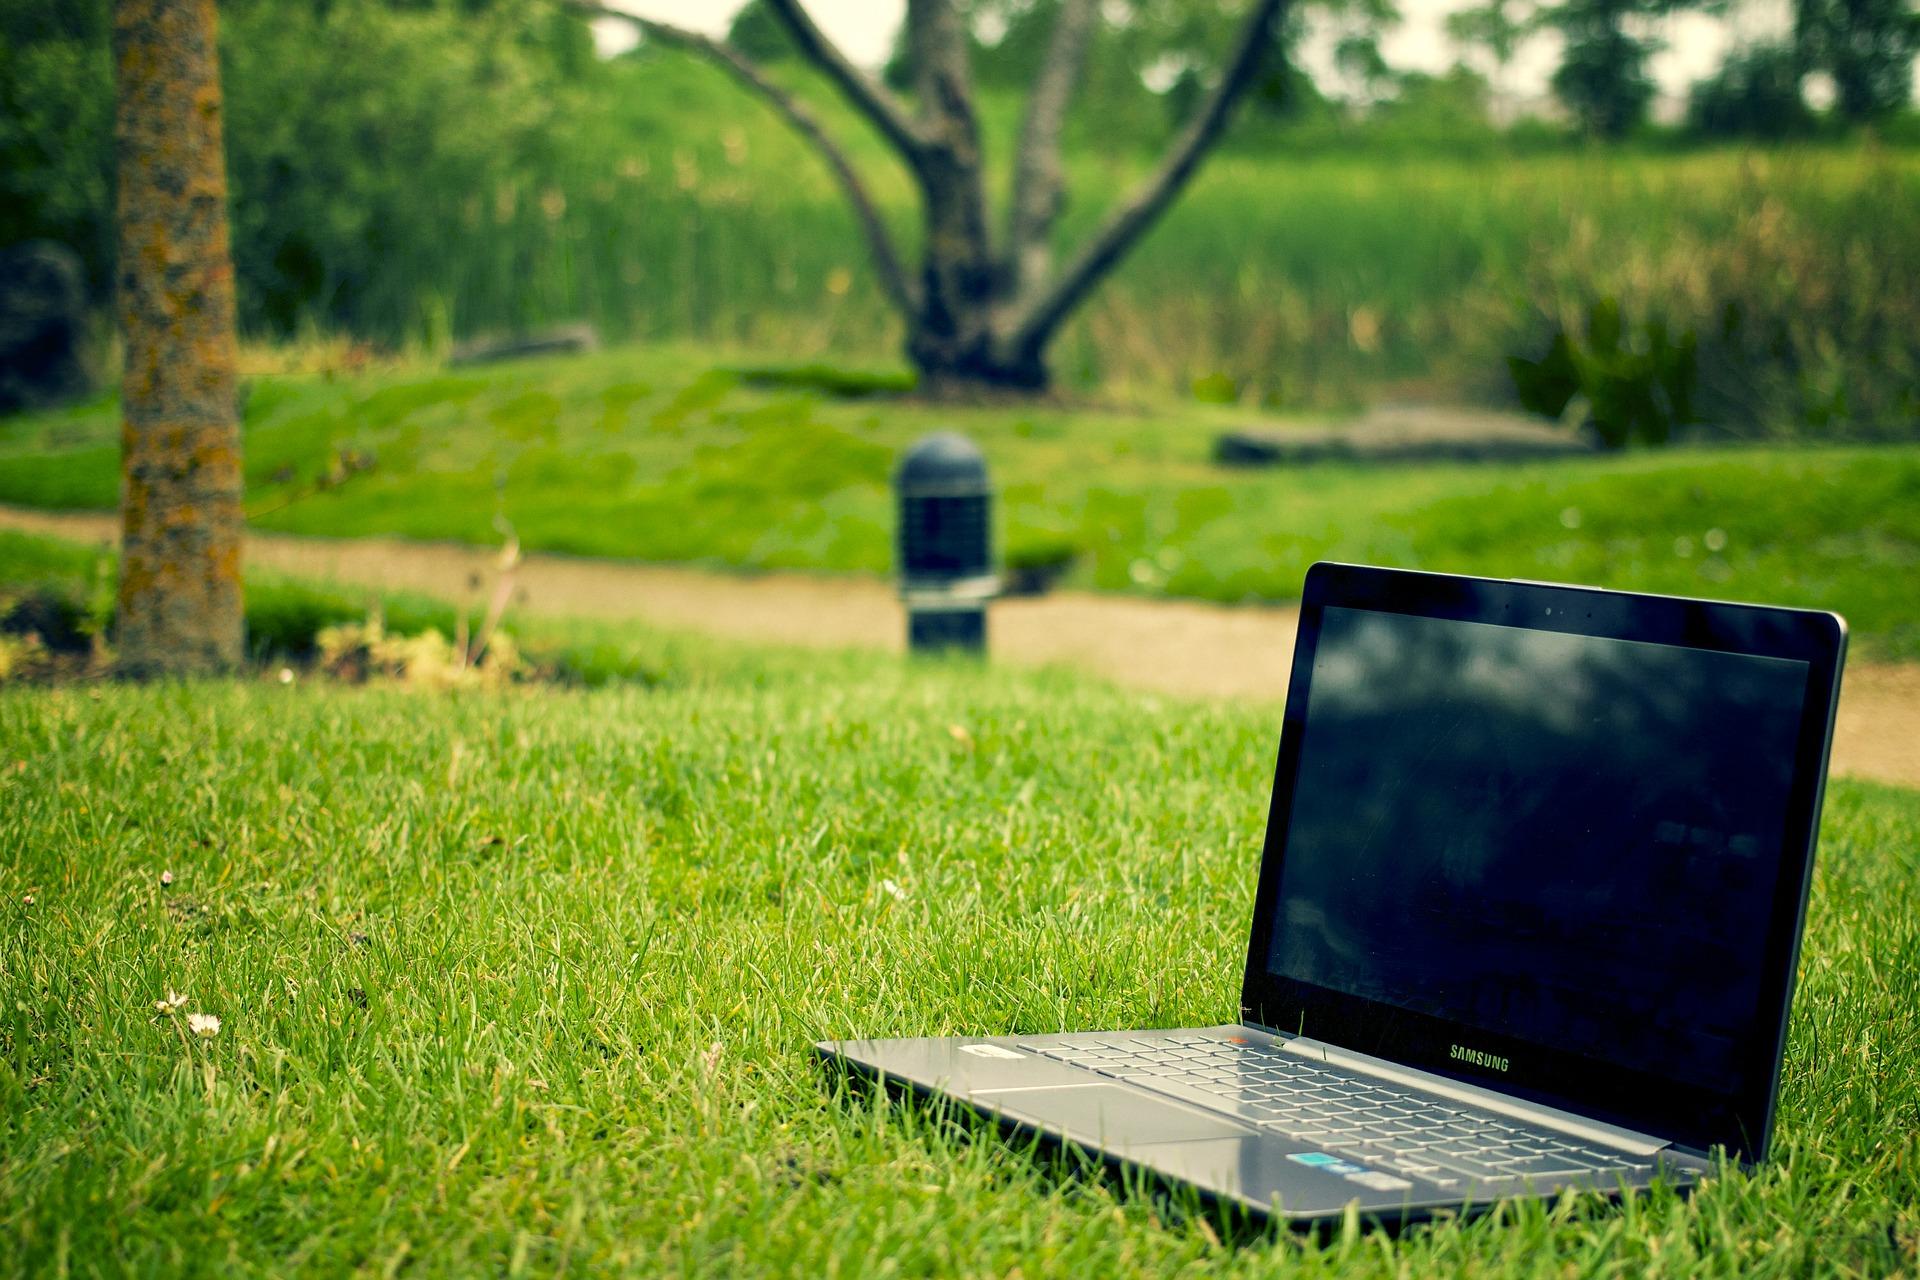 notebook v trávě